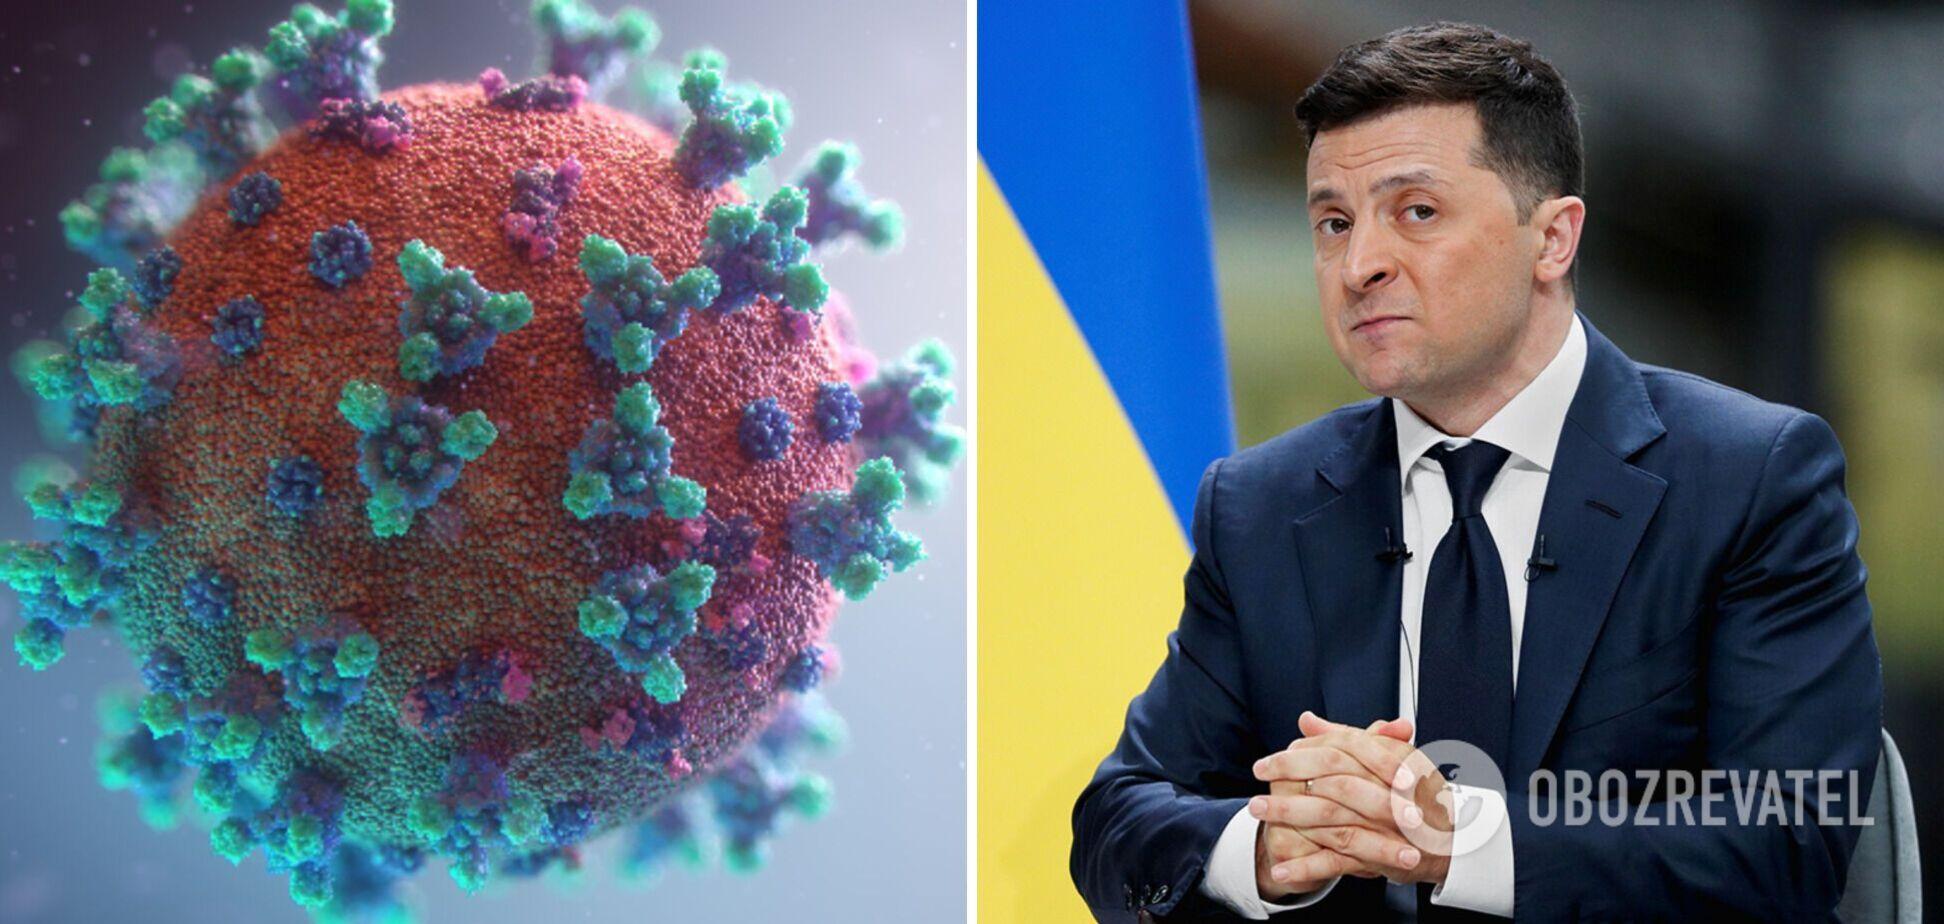 По мнению президента, в вопросе вакцинации каждое государство само за себя